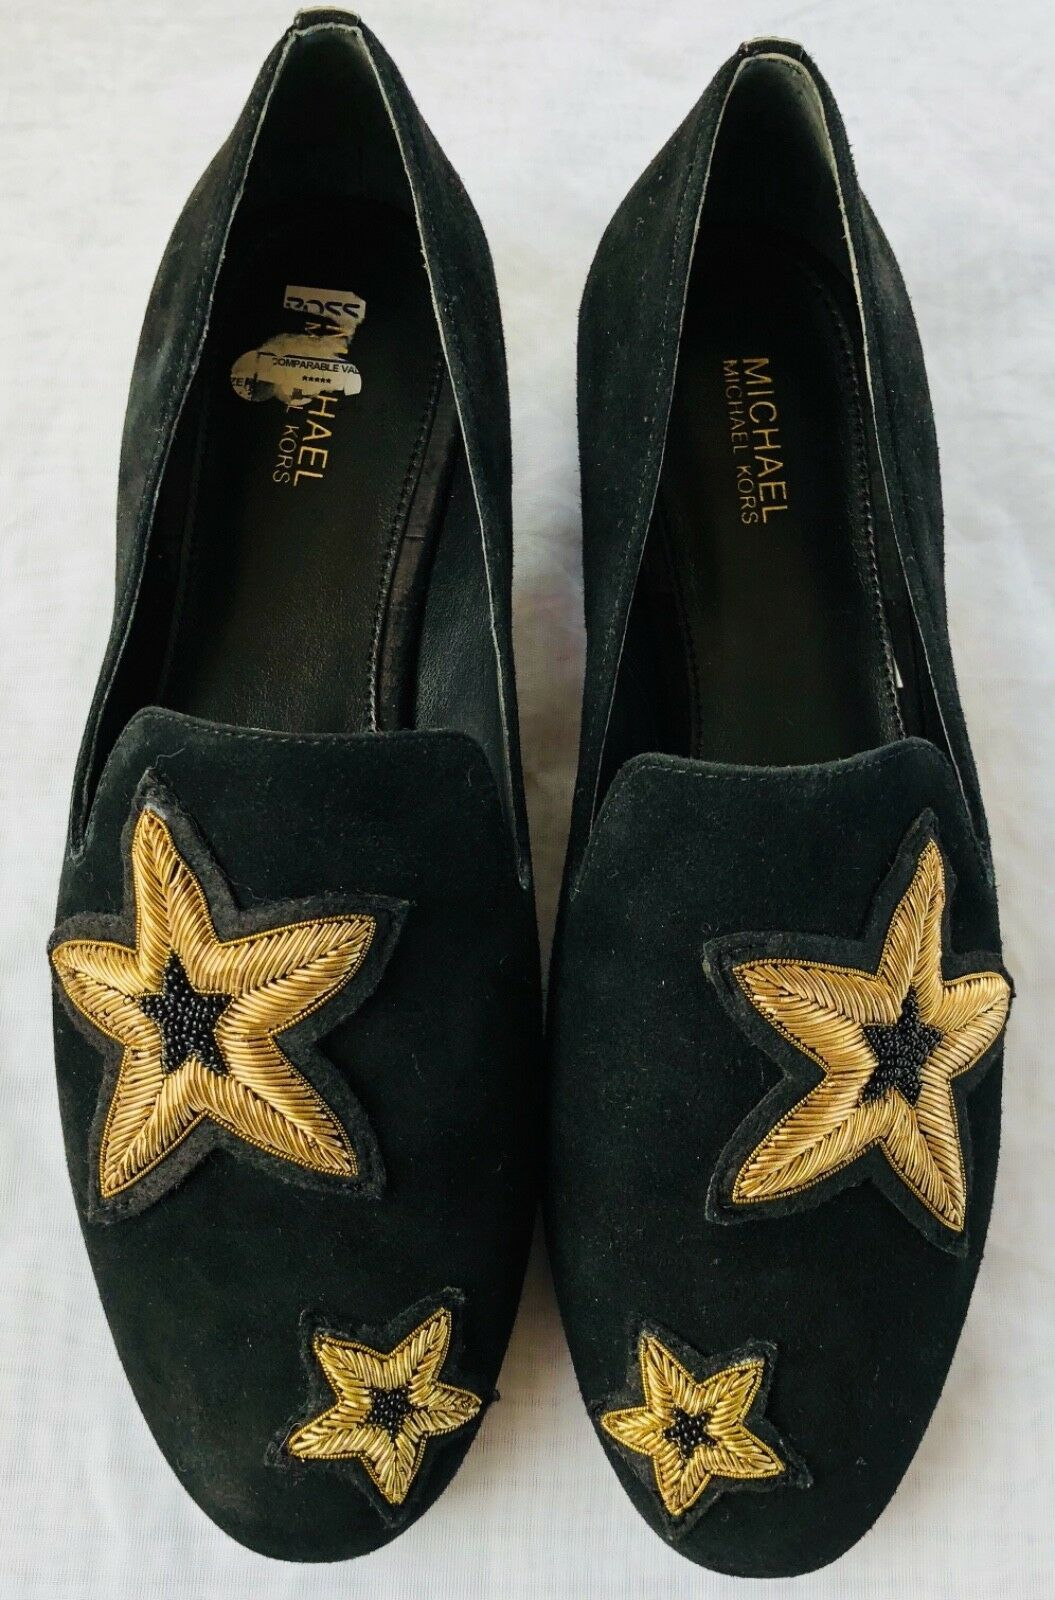 Michael Kors Femmes Chaussures Noir en Cuir Caoutchouc Semelle Broderie Size 6.5